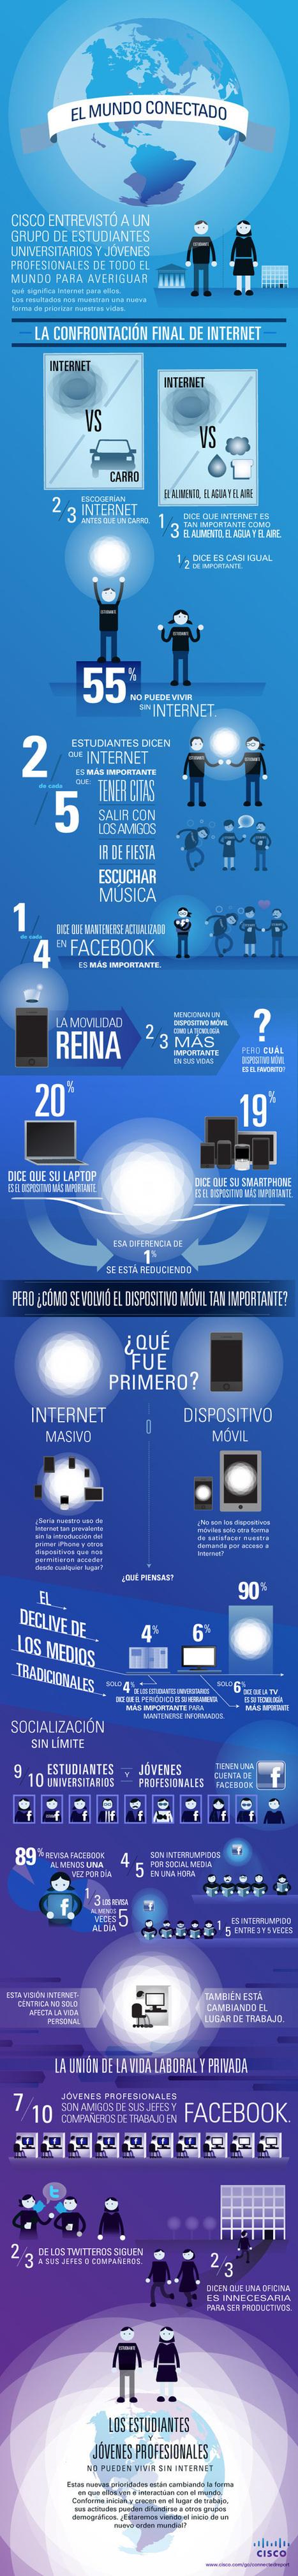 La importancia de Internet hoy en día [Infografía] | EDUDIARI 2.0 DE jluisbloc | Scoop.it